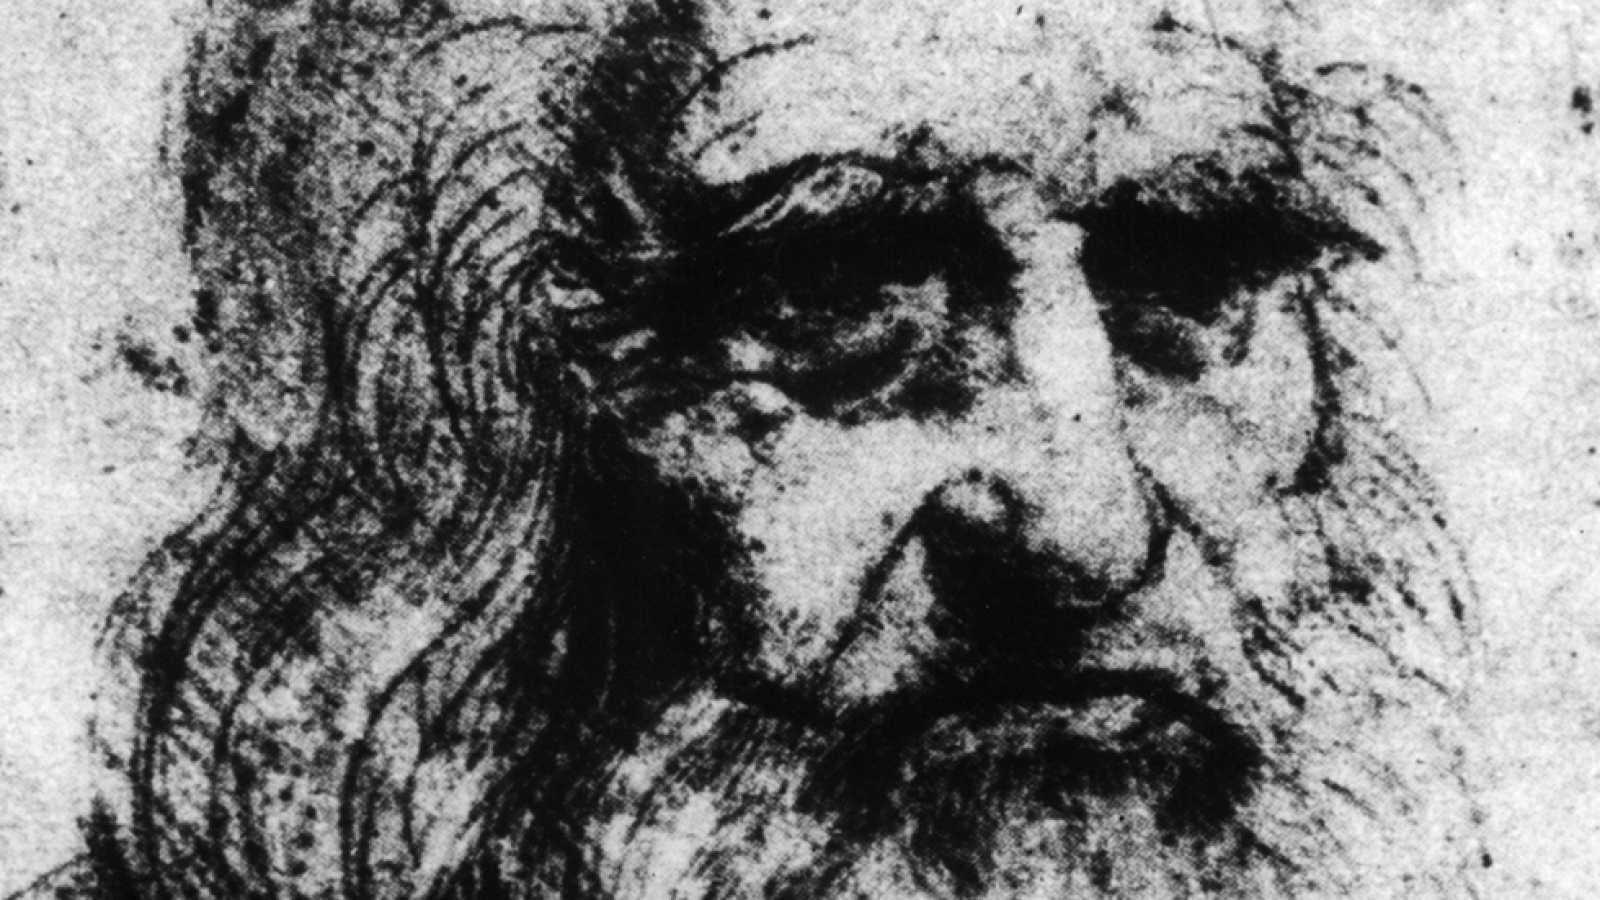 Espacio en blanco - Da Vinci, el genio de los misterios - 02/09/18 - escuchar ahora